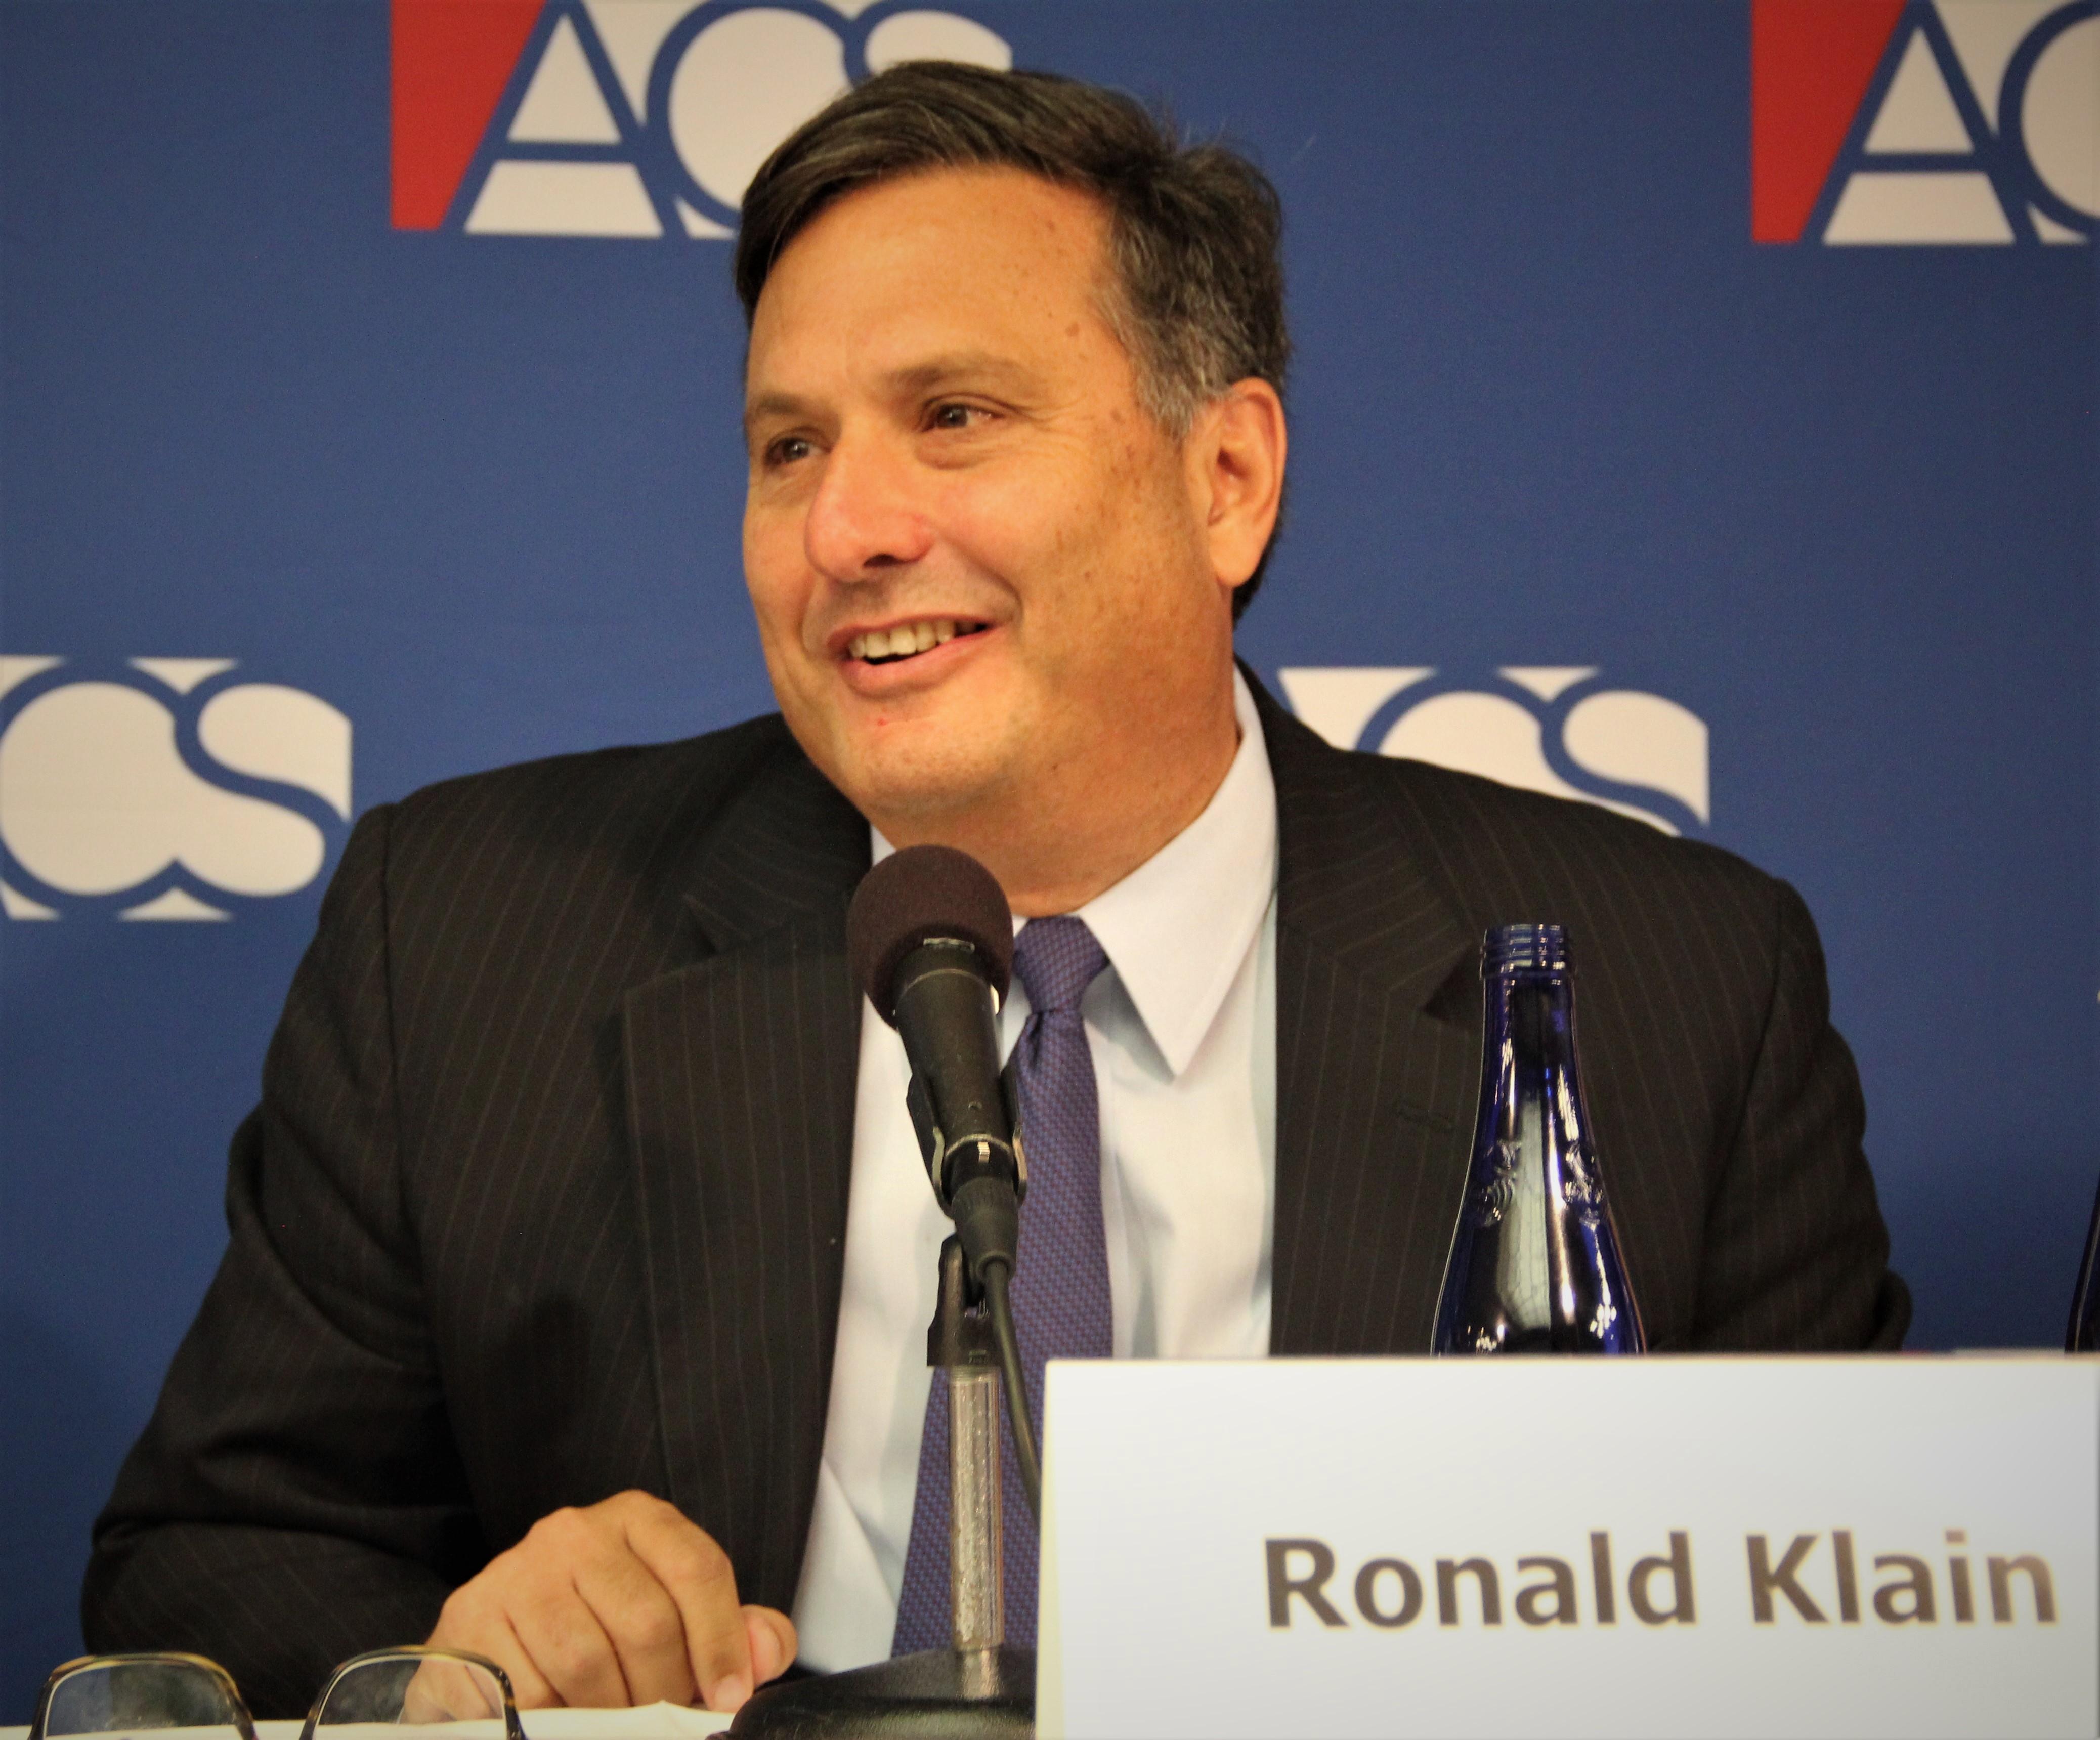 Ronald Klain